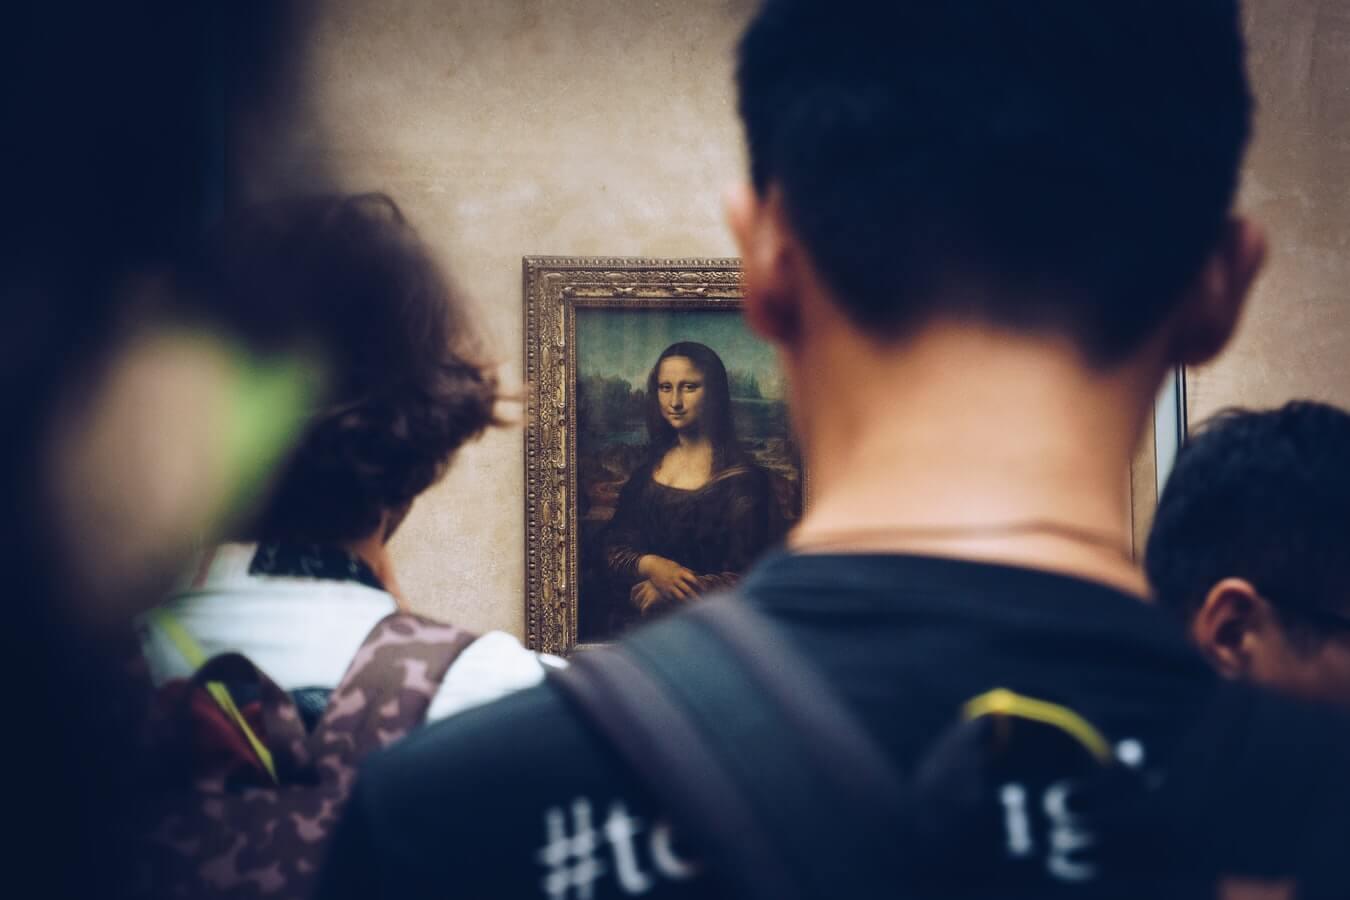 La mona Lisa en una sala abarratada de gente en el Museo del Louvre